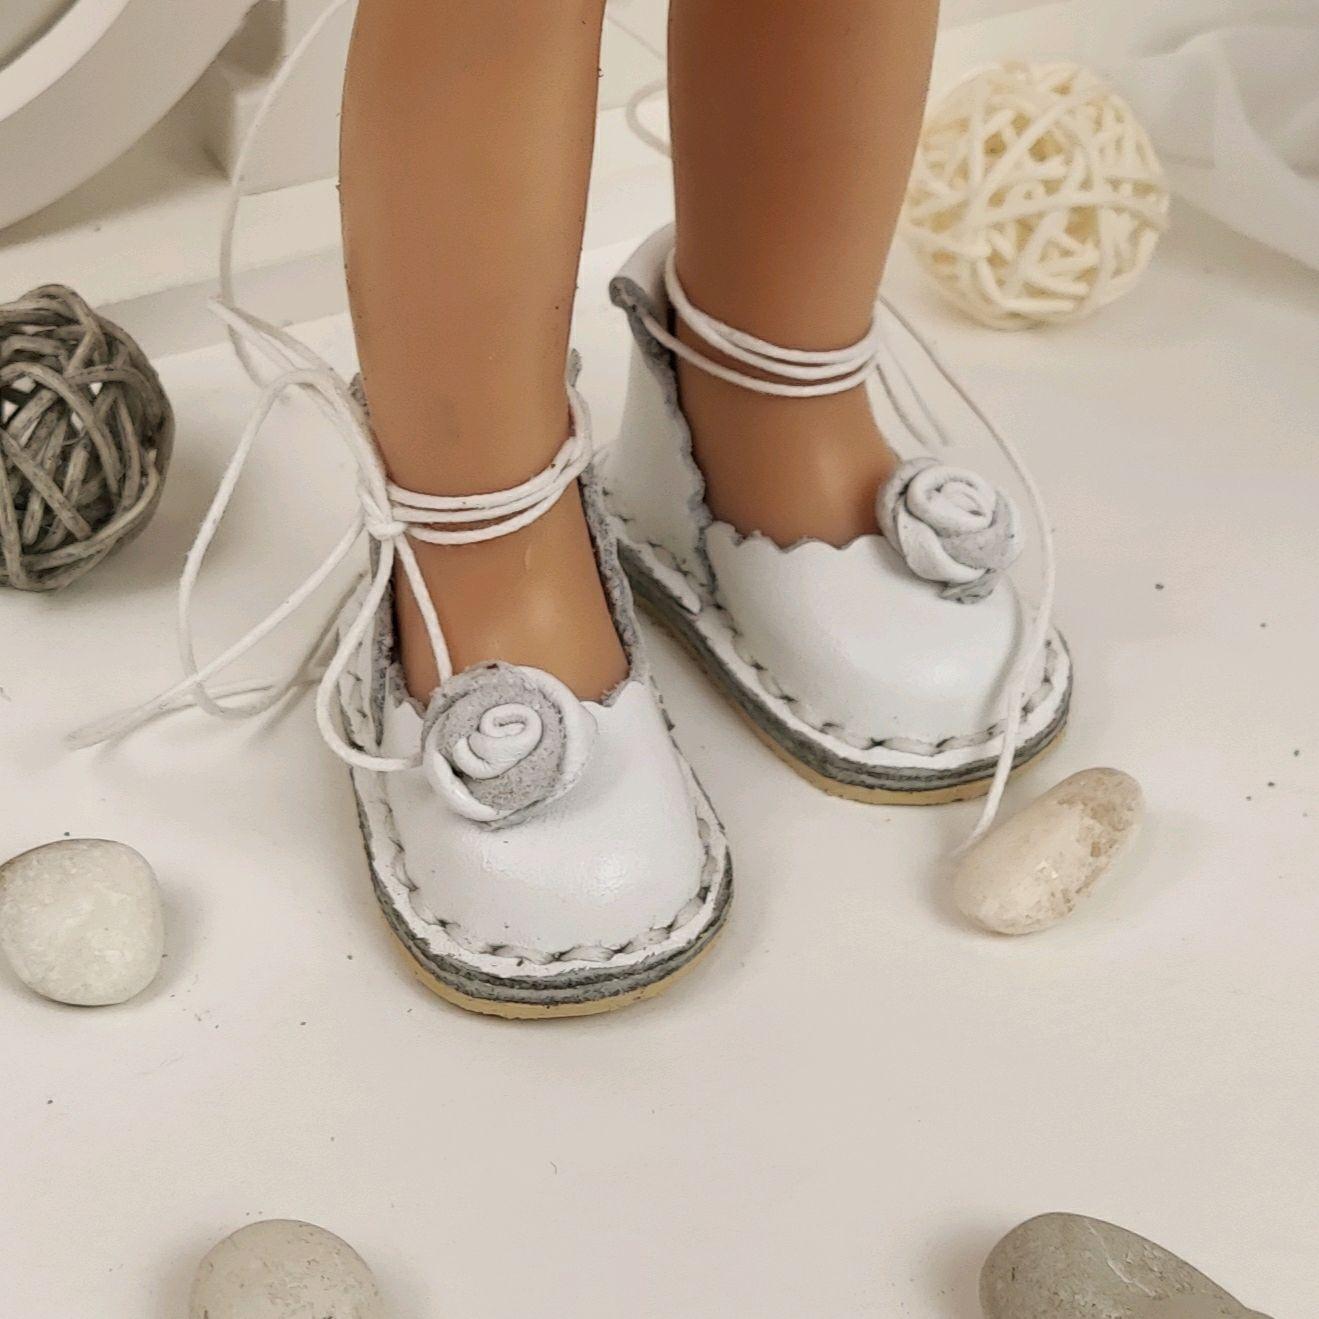 Обувь для кукол Паола. Кукольная обувь, Одежда для кукол, Ижевск,  Фото №1